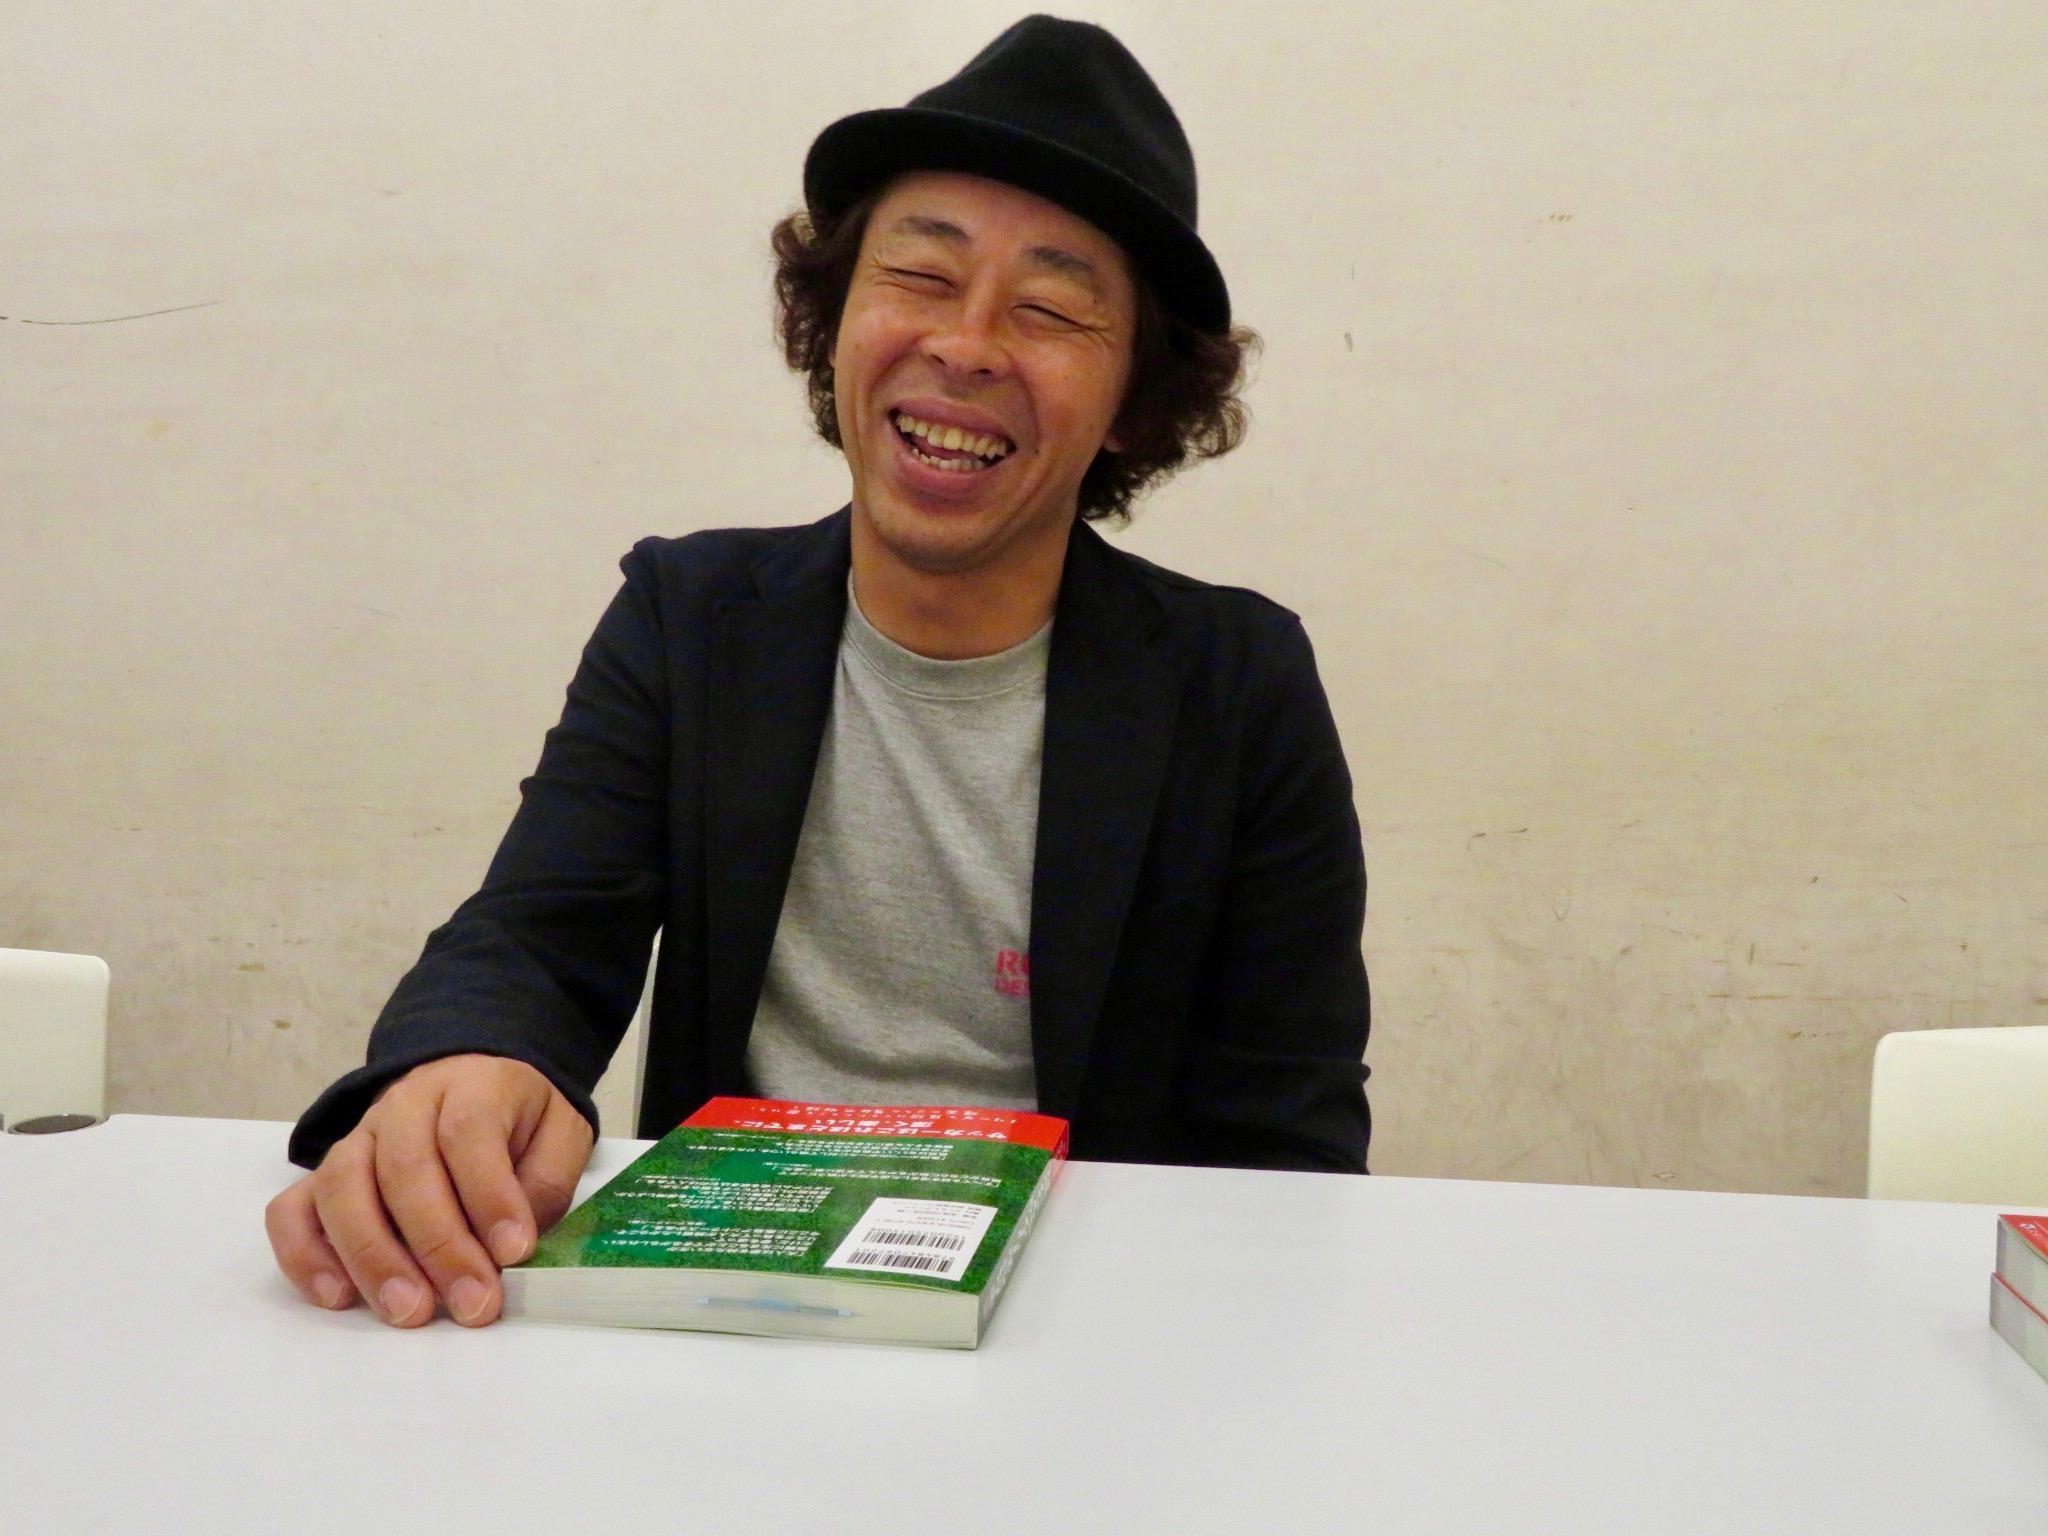 http://news.yoshimoto.co.jp/20181004203210-a735fe3993a8f3c31bbe9d92c300f2395703a4eb.jpg